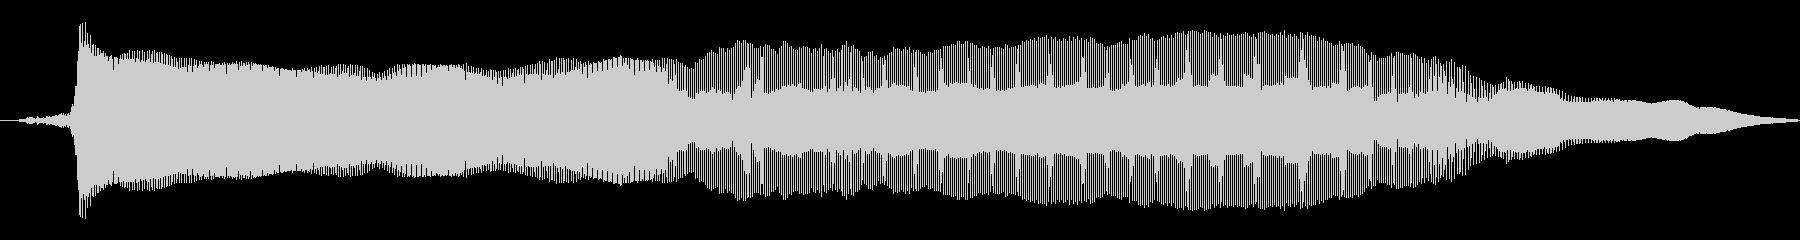 こぶし04(B)の未再生の波形